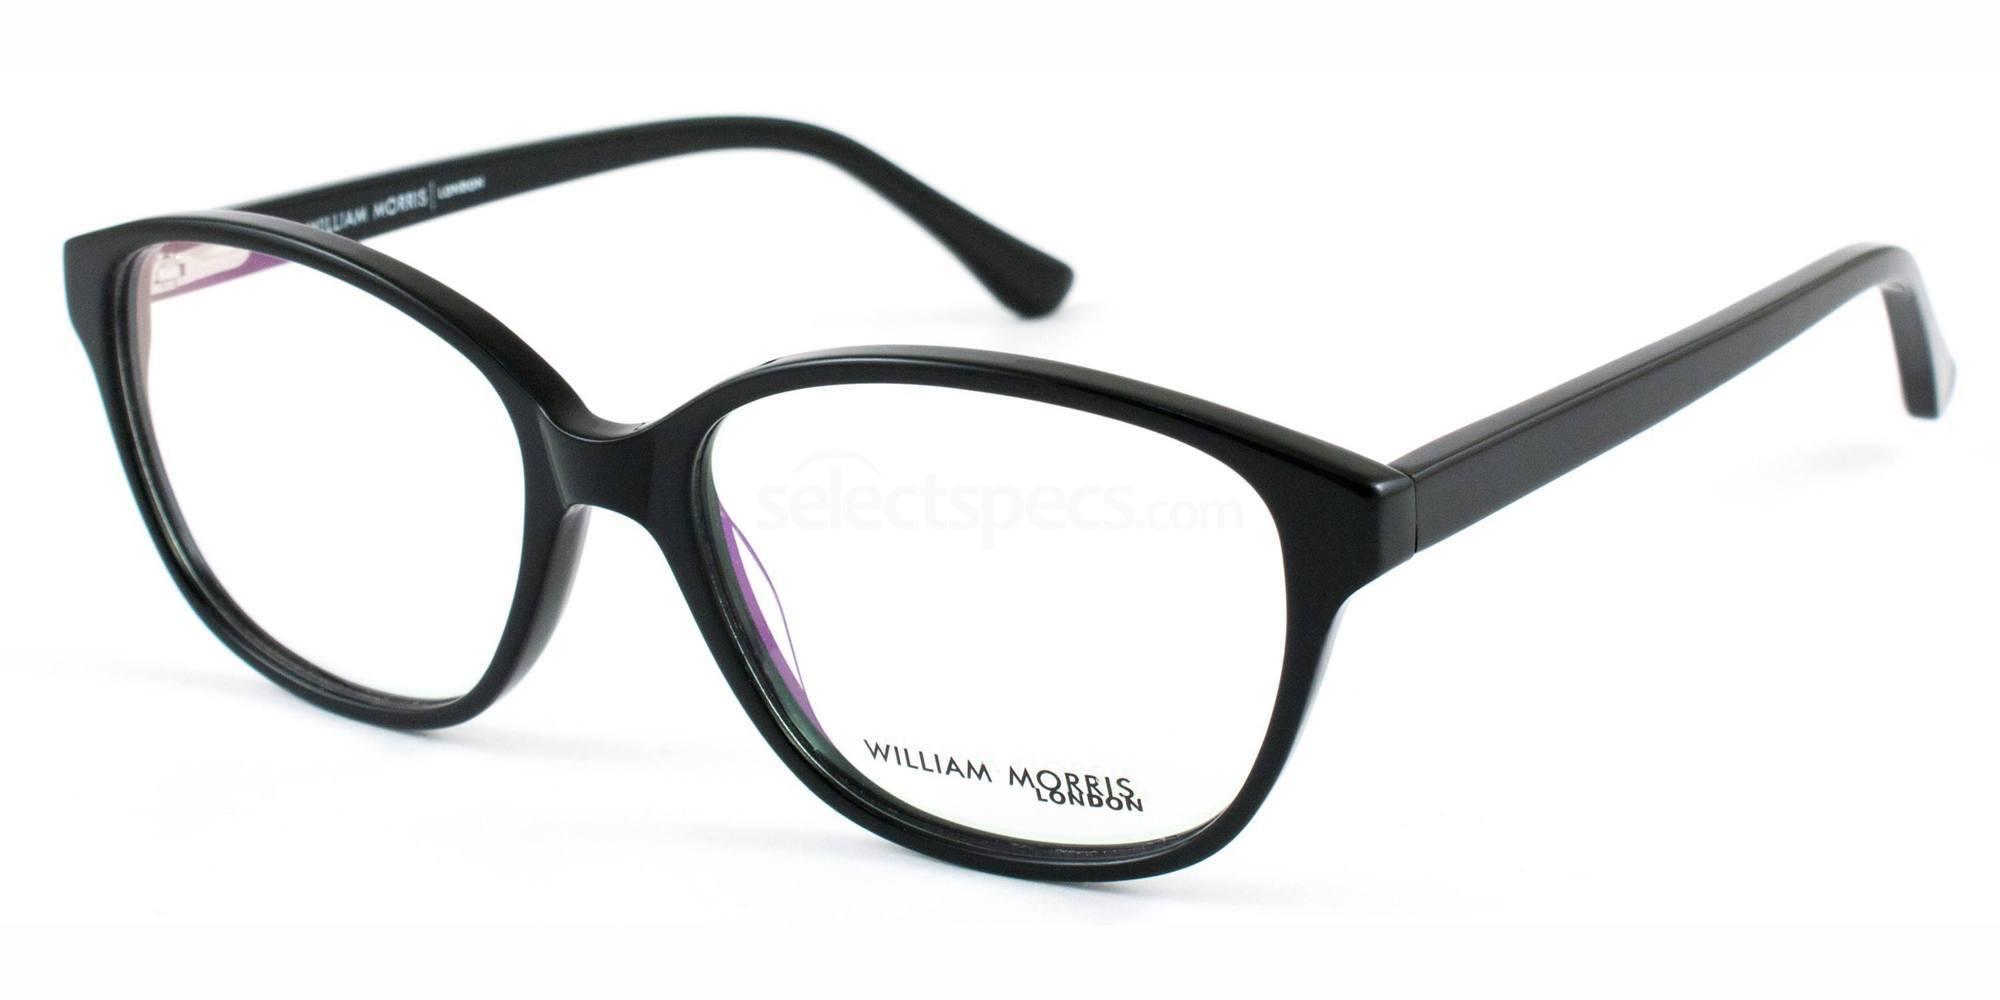 C1 WL9919 Glasses, William Morris London